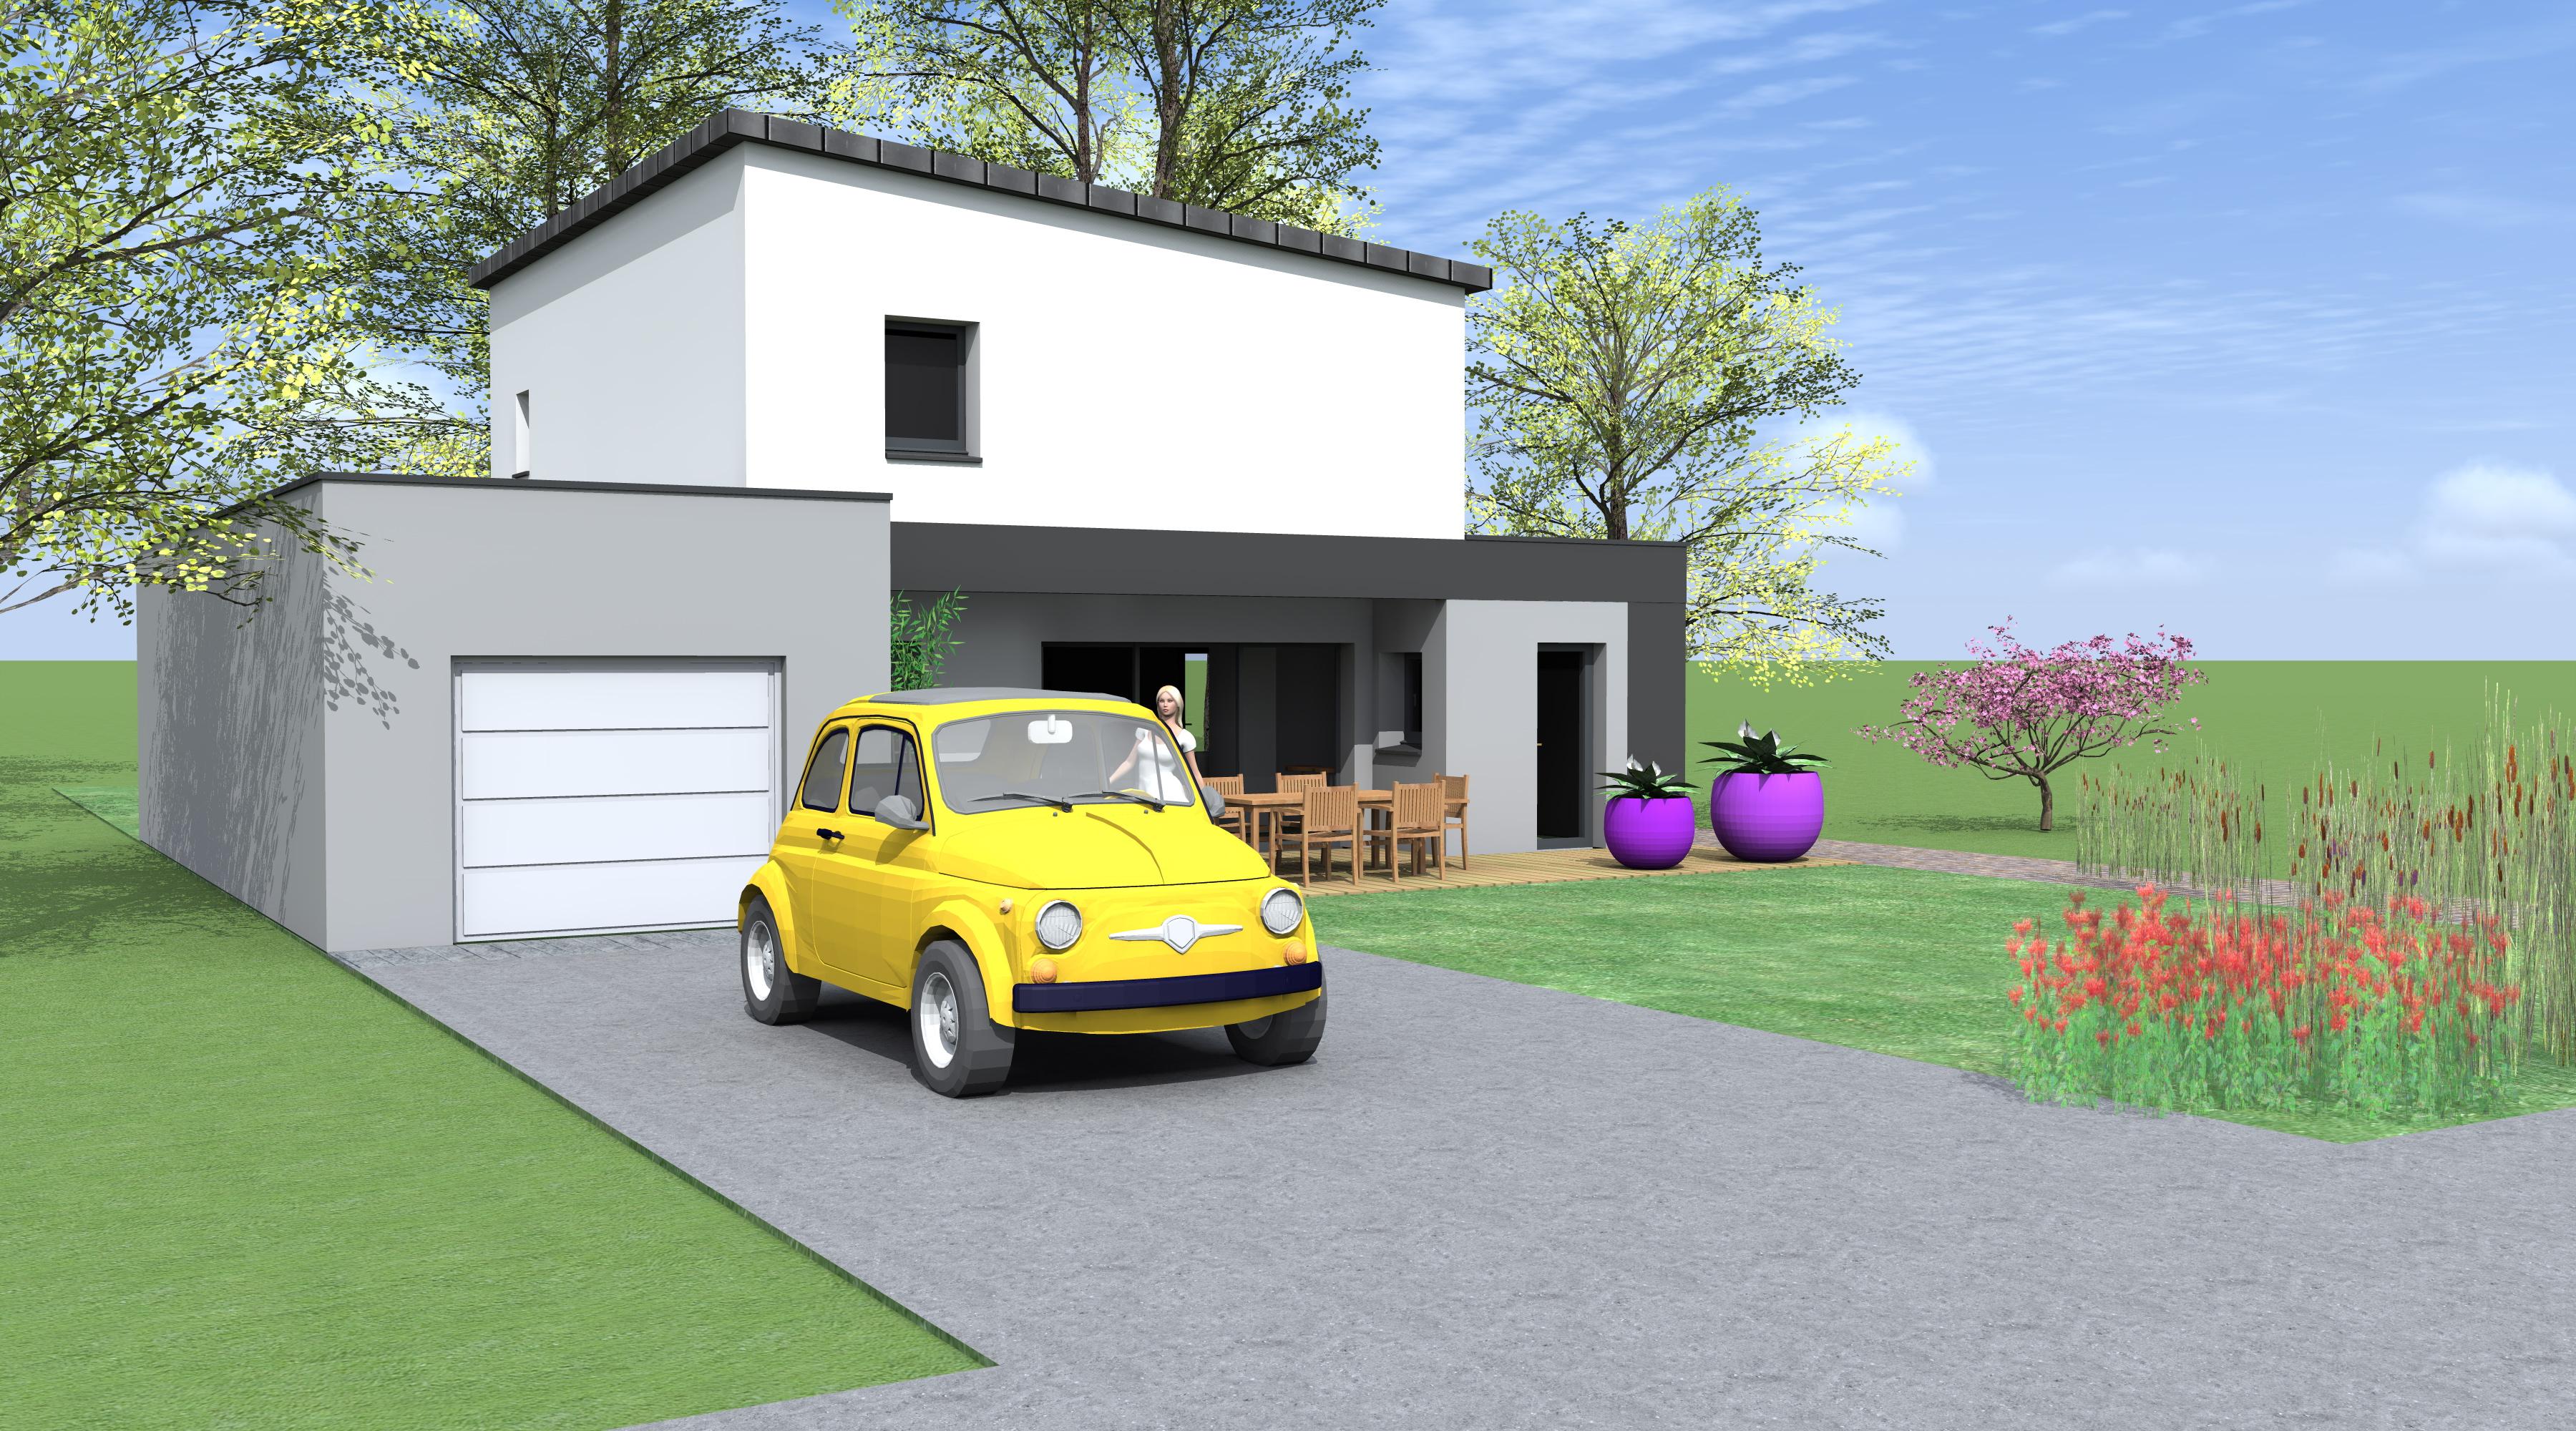 projet h h 1 2 vue architecte lise roturier rennes. Black Bedroom Furniture Sets. Home Design Ideas